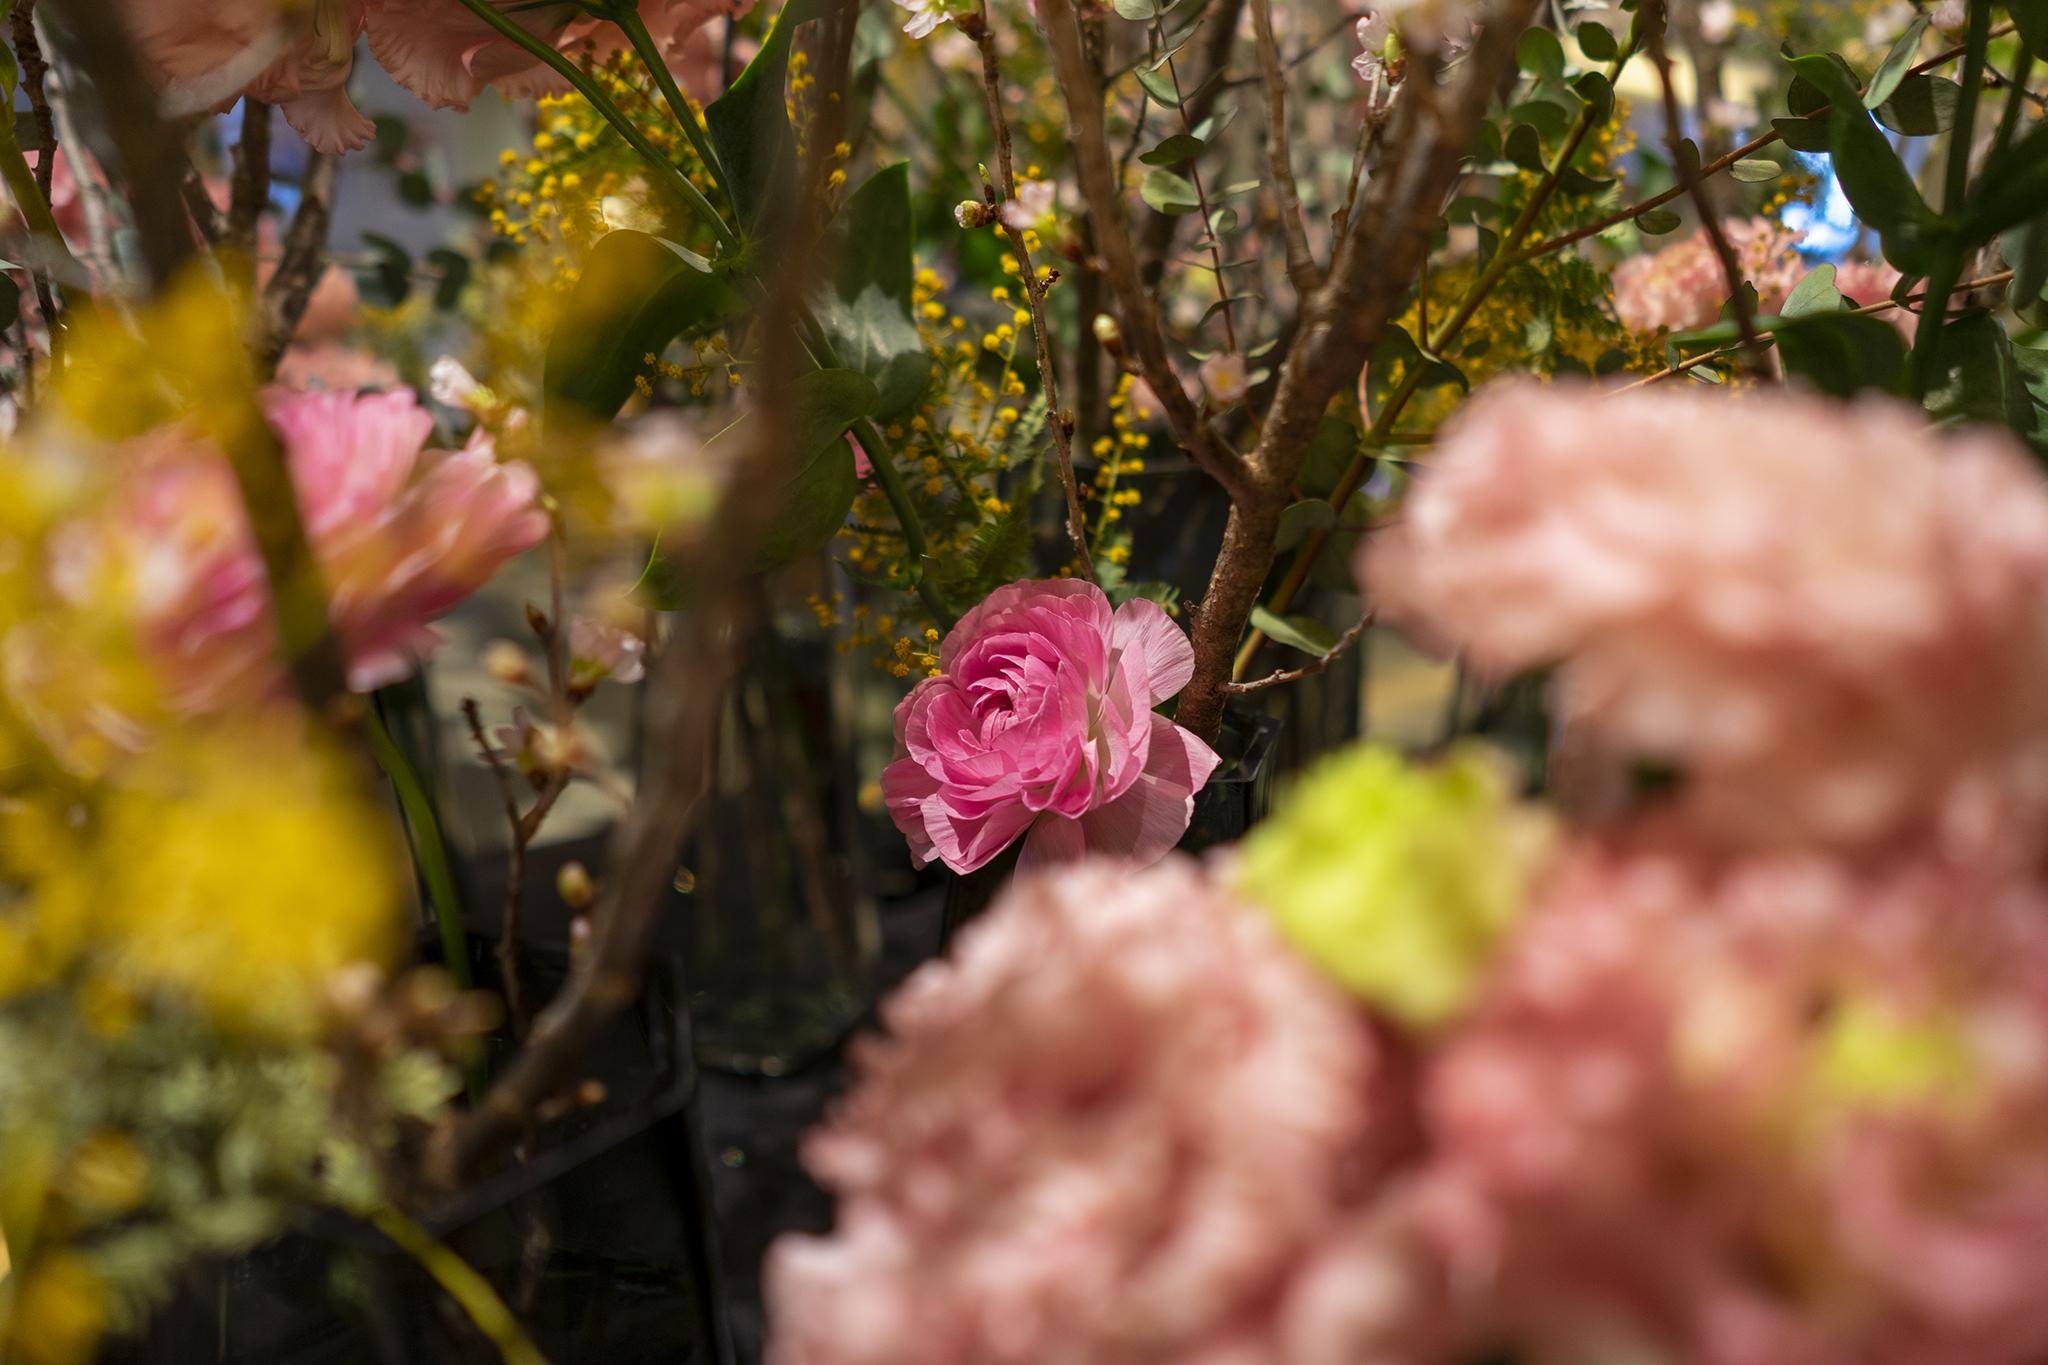 トルコキキョウの花言葉と誕生花